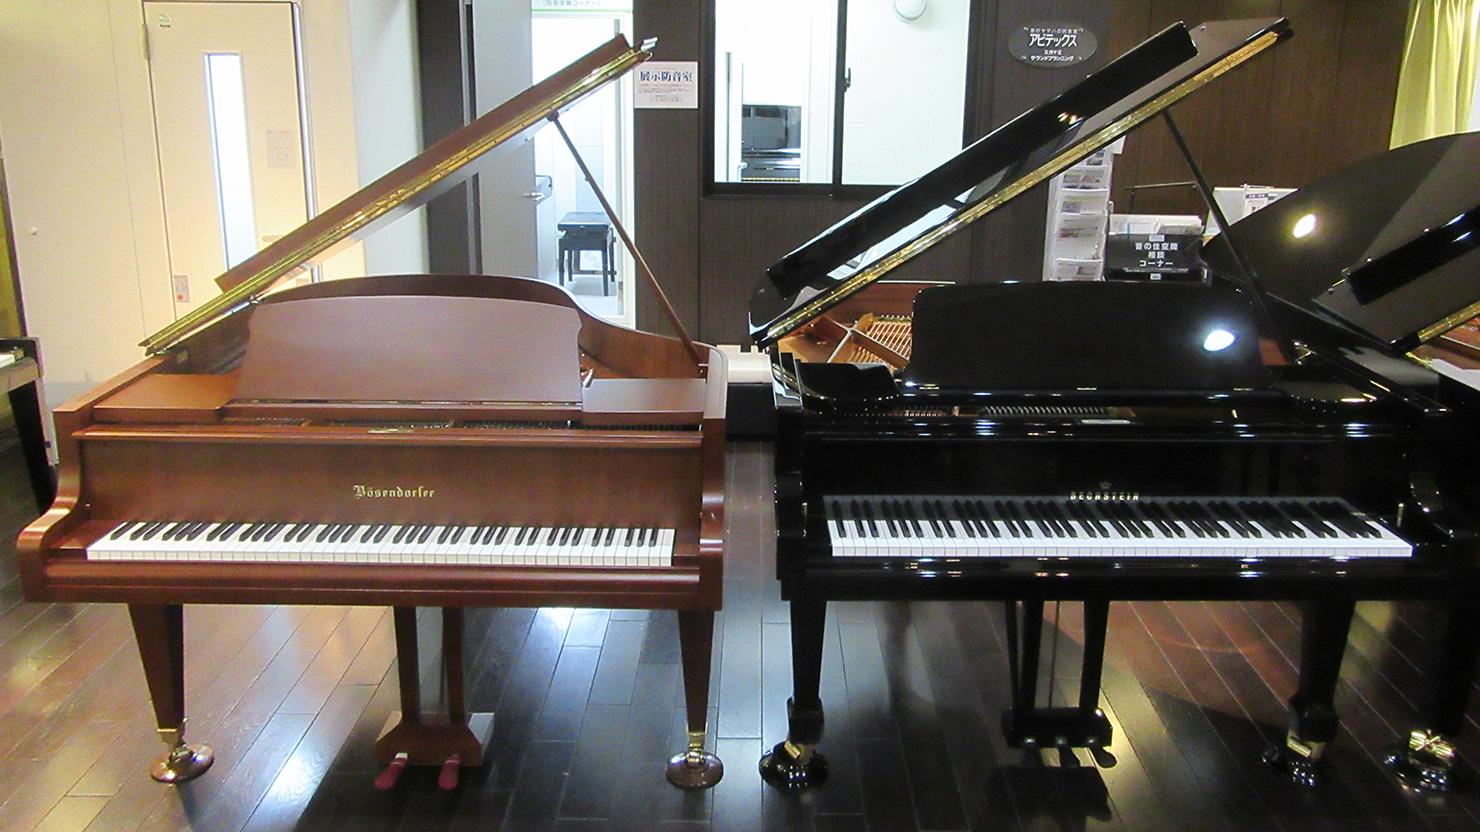 グランドピアノ、ベヒシュタインB160、ベーゼンドルファーModel170